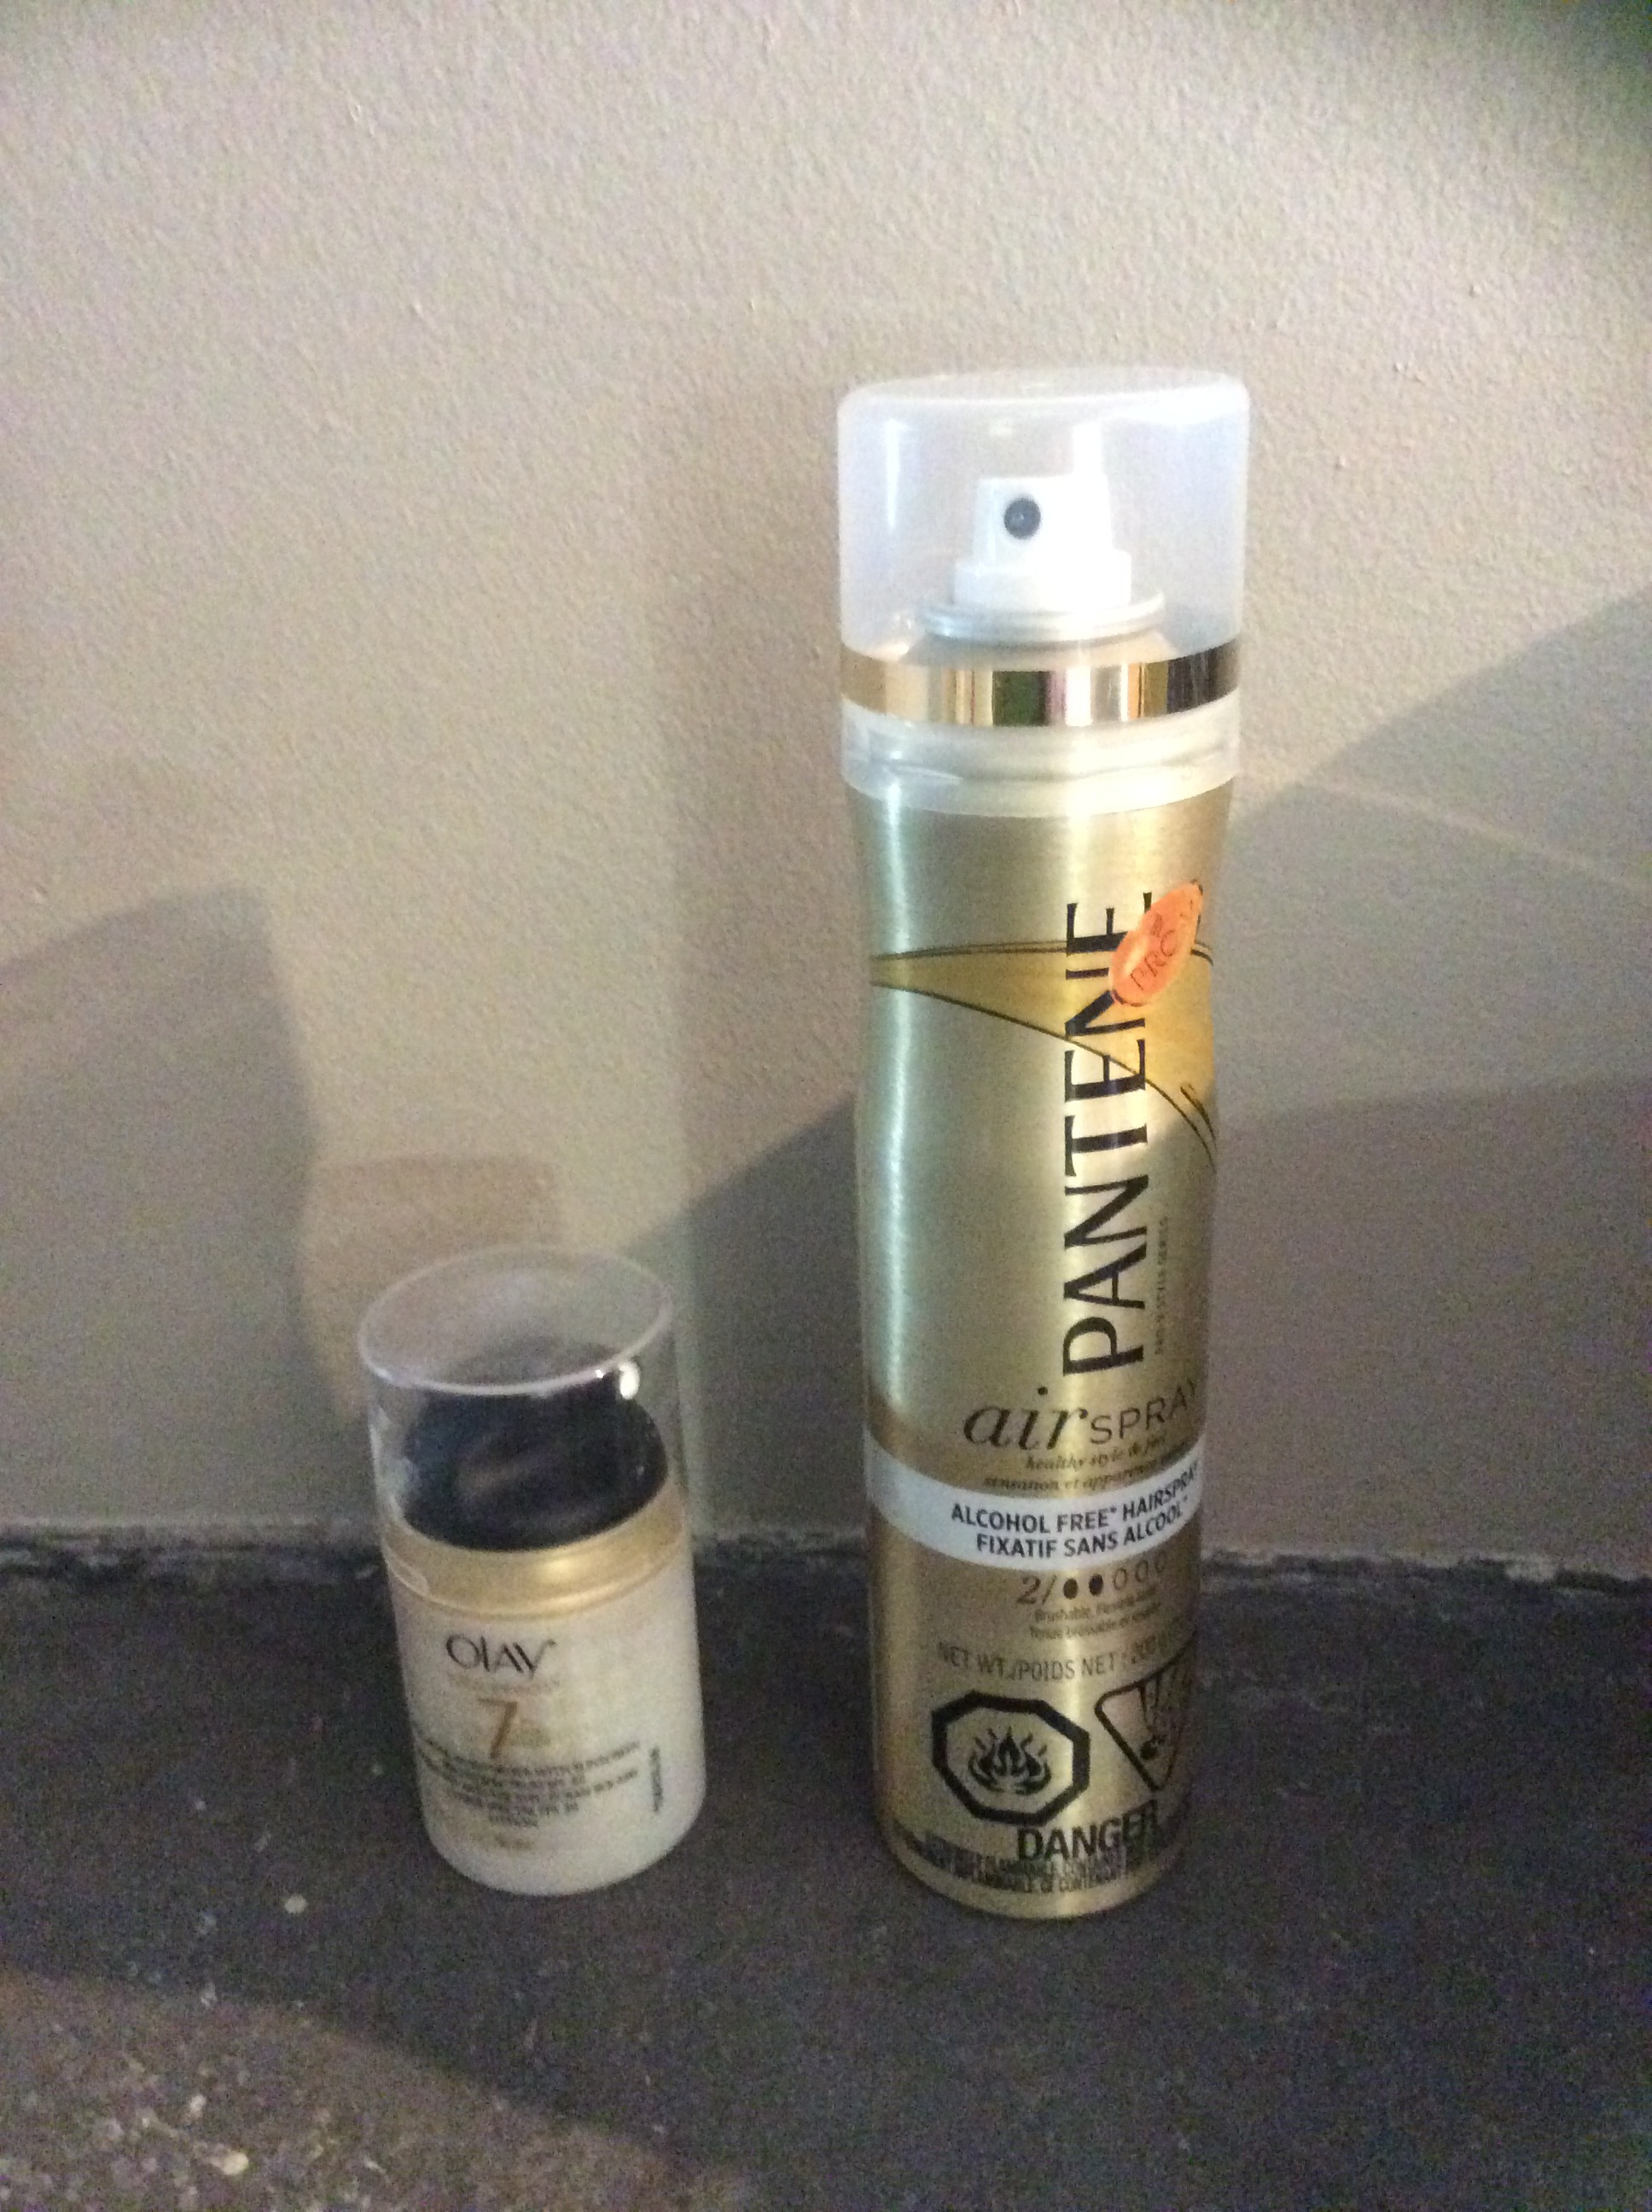 Oil of olay facial moisturizer